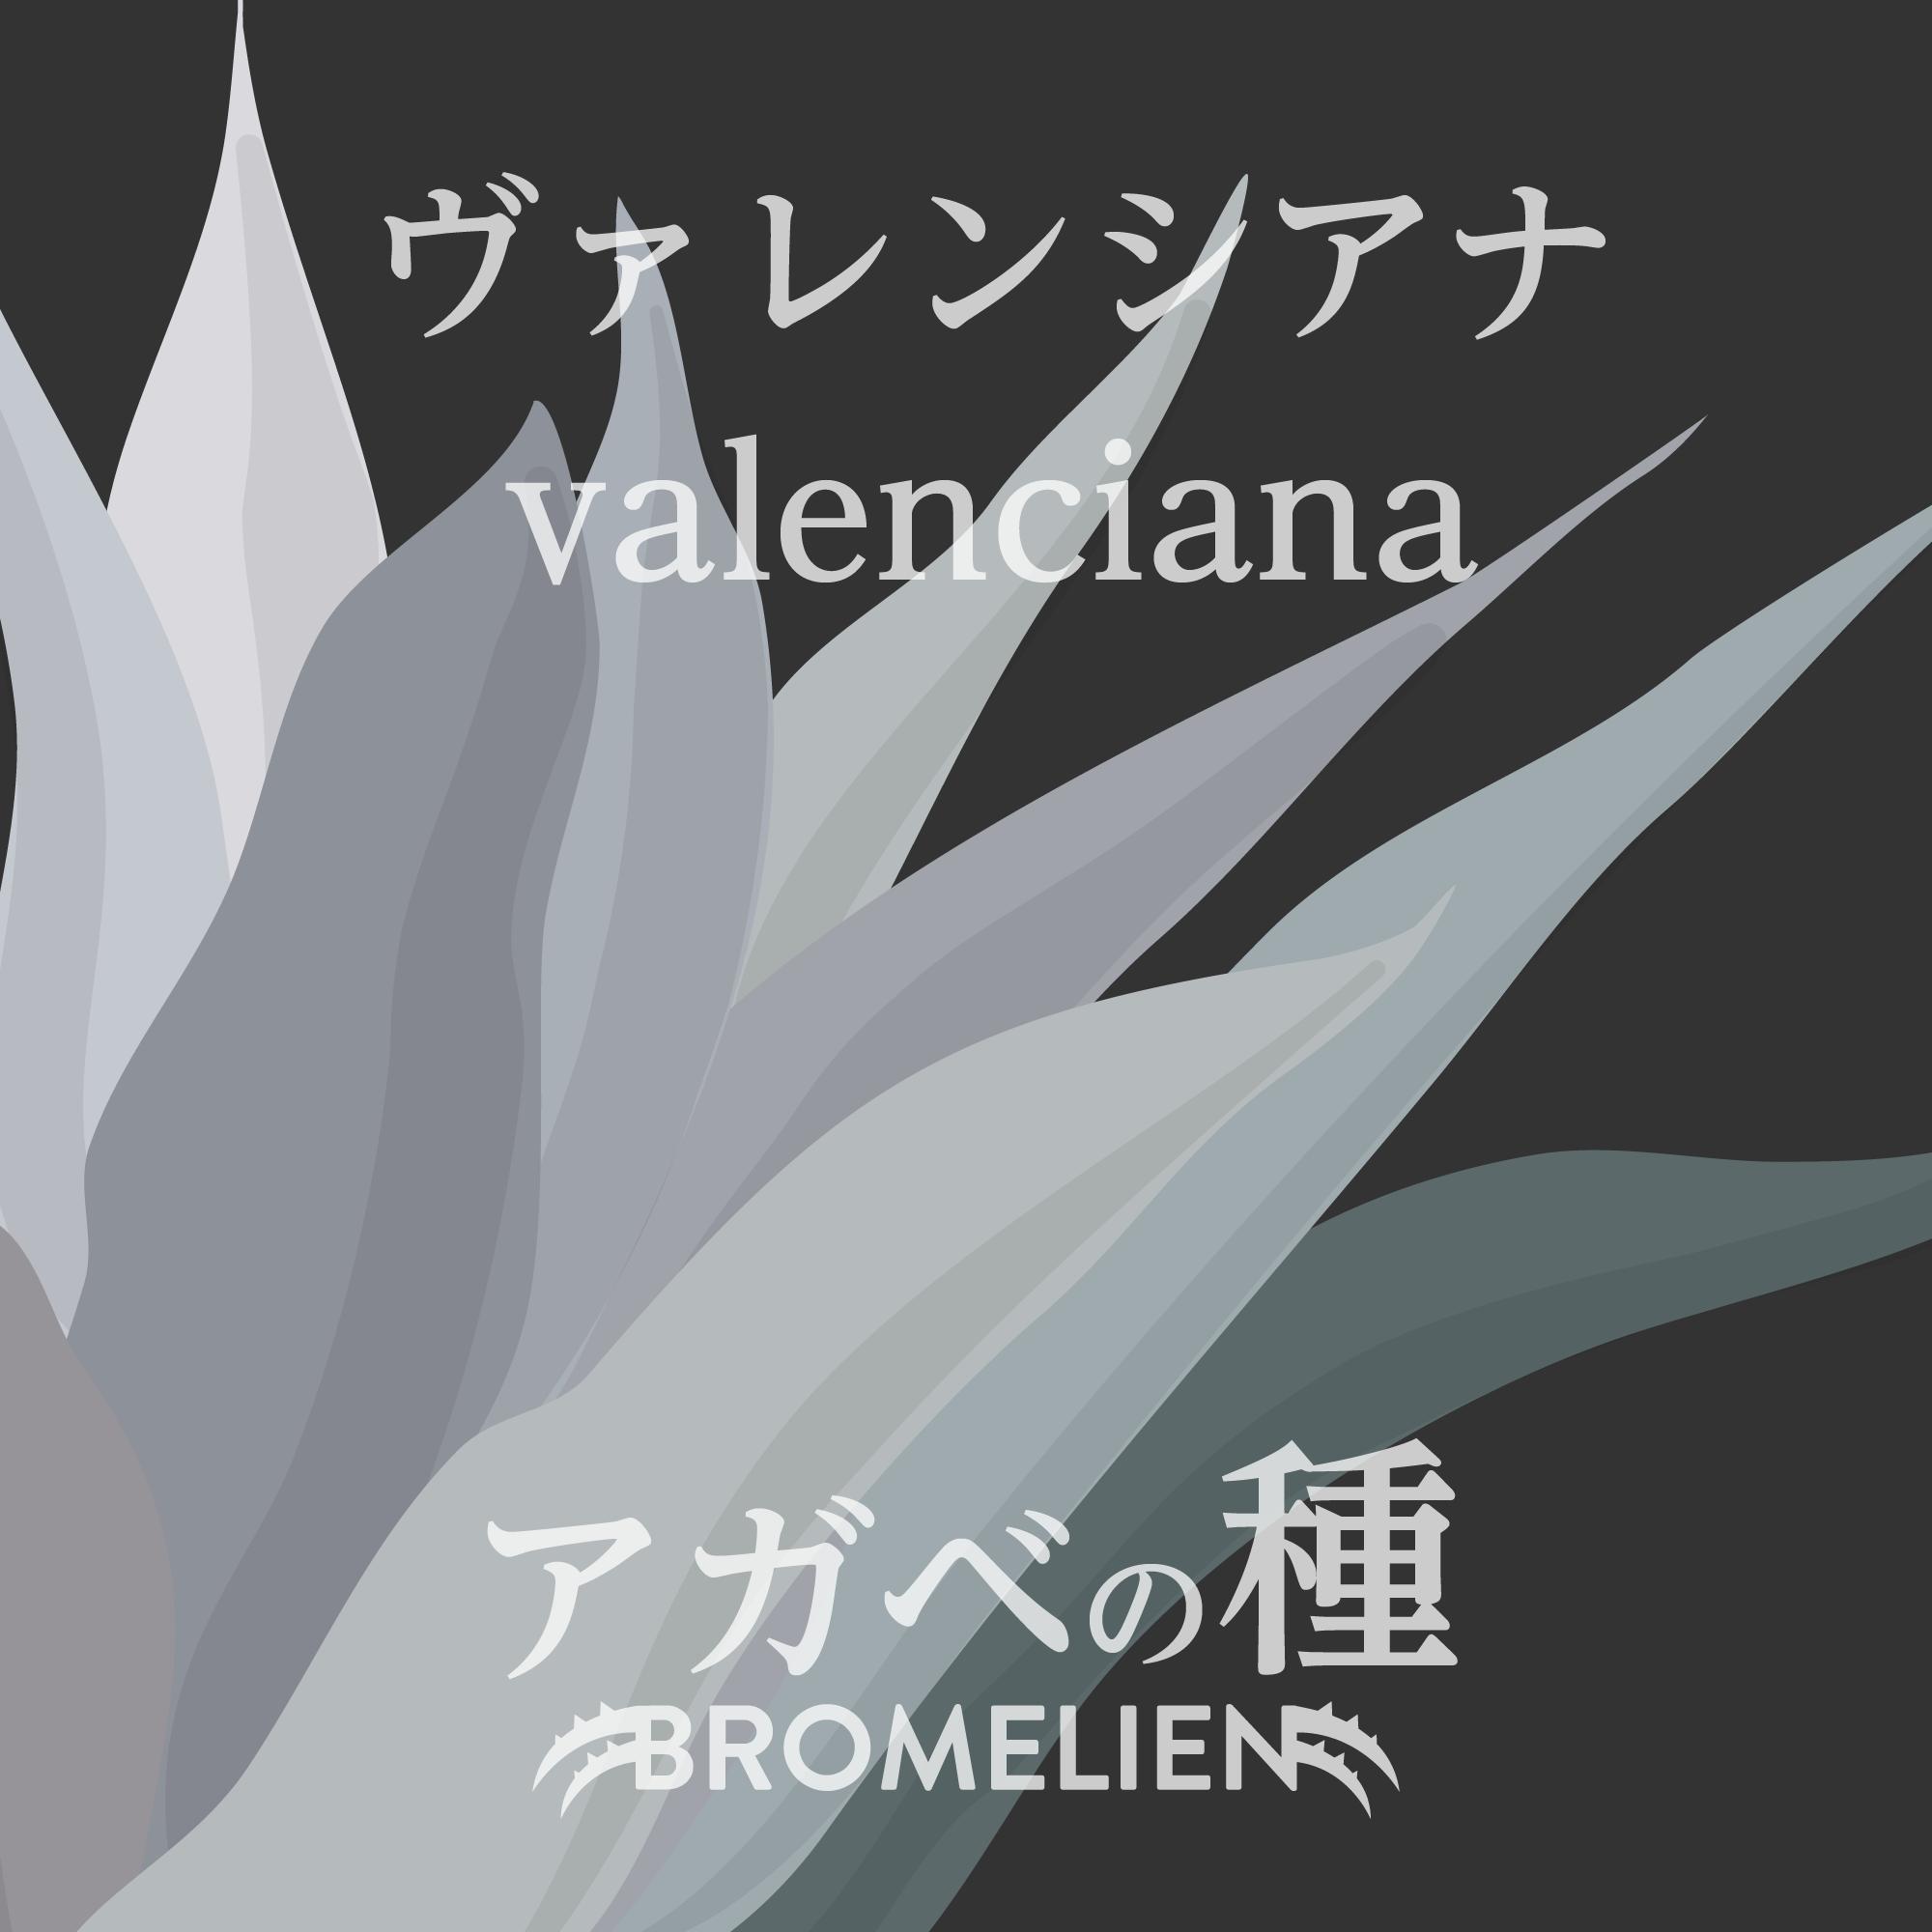 アガベの種 valencianaトヴァレンシアナ 20個